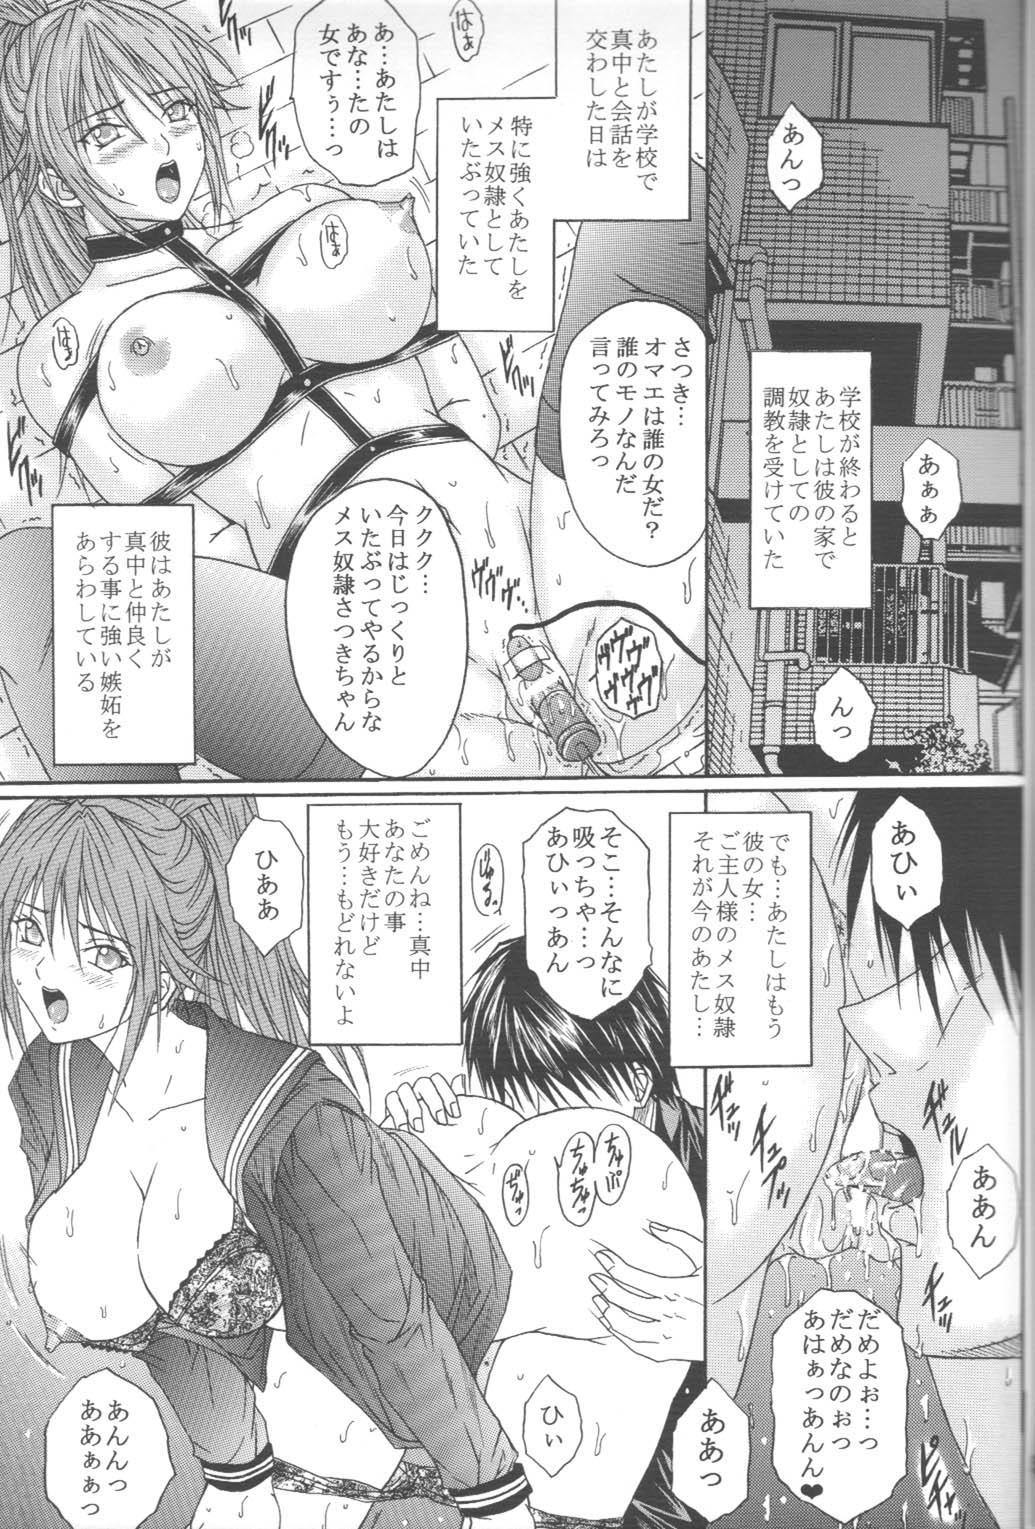 Ryoujoku Rensa 05 3